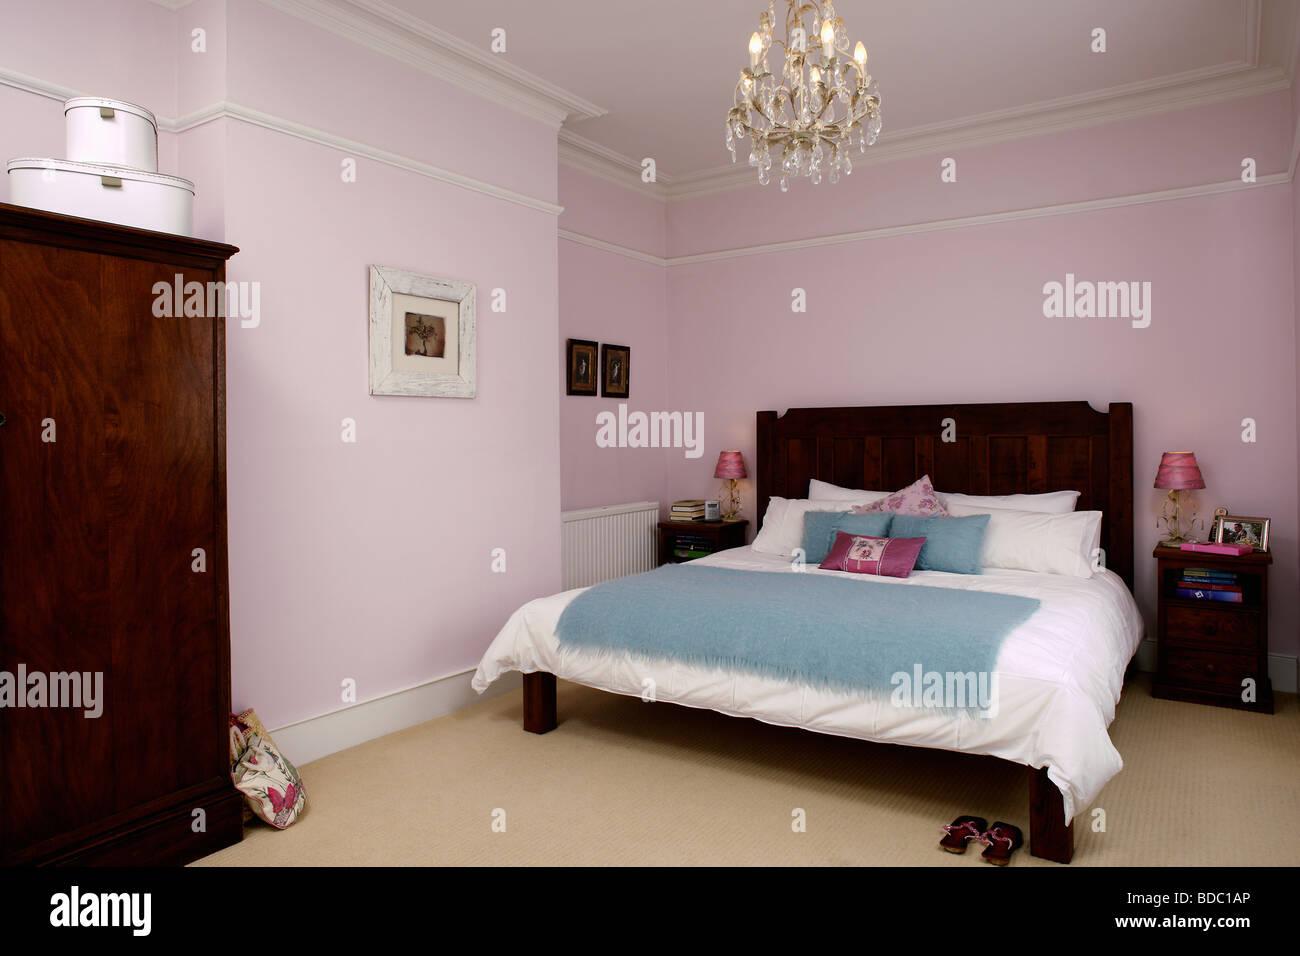 Kronleuchter über Dunklen Holz Bett Mit Weißer Bettwäsche Und Türkis In  Pastell Rosa Schlafzimmer Werfen